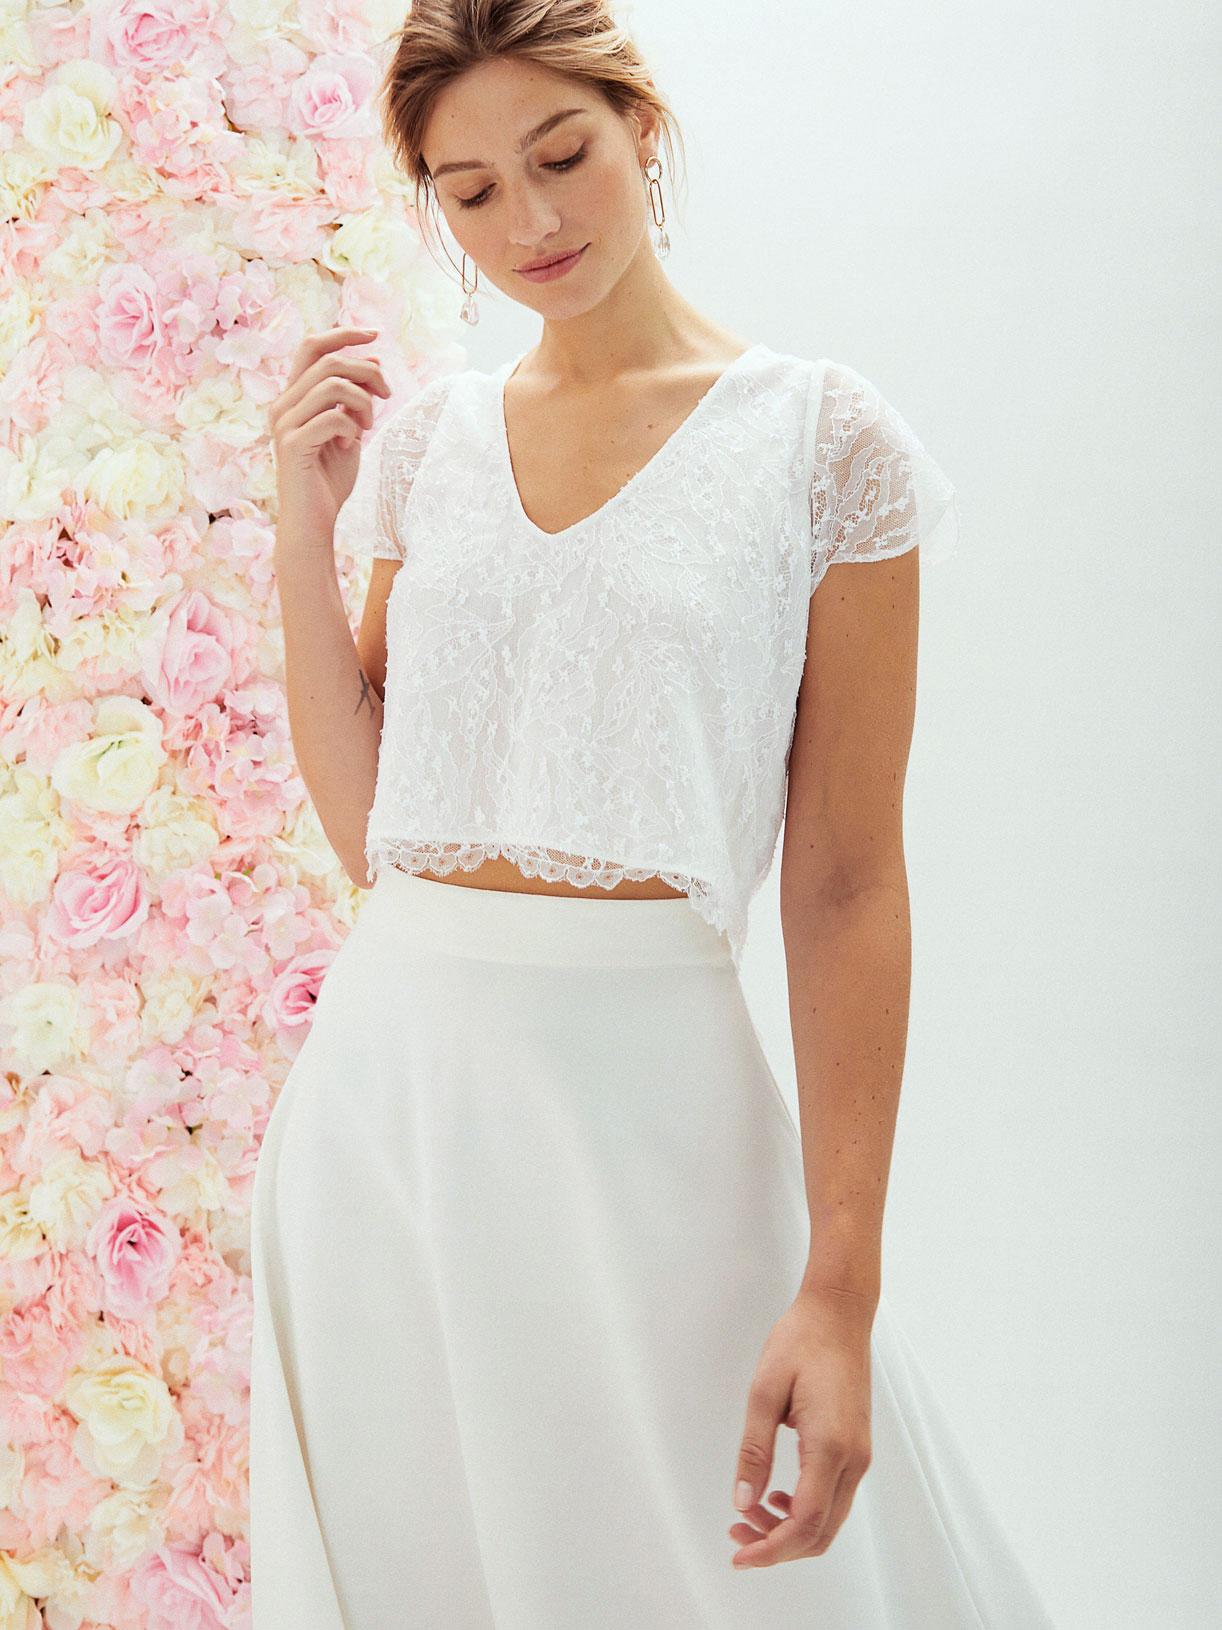 Robe de mariee longue simple en corolle boheme ecoresponsable - Creatrice de robe de mariée éthique et écoresponsable a Paris - Myphilosophy